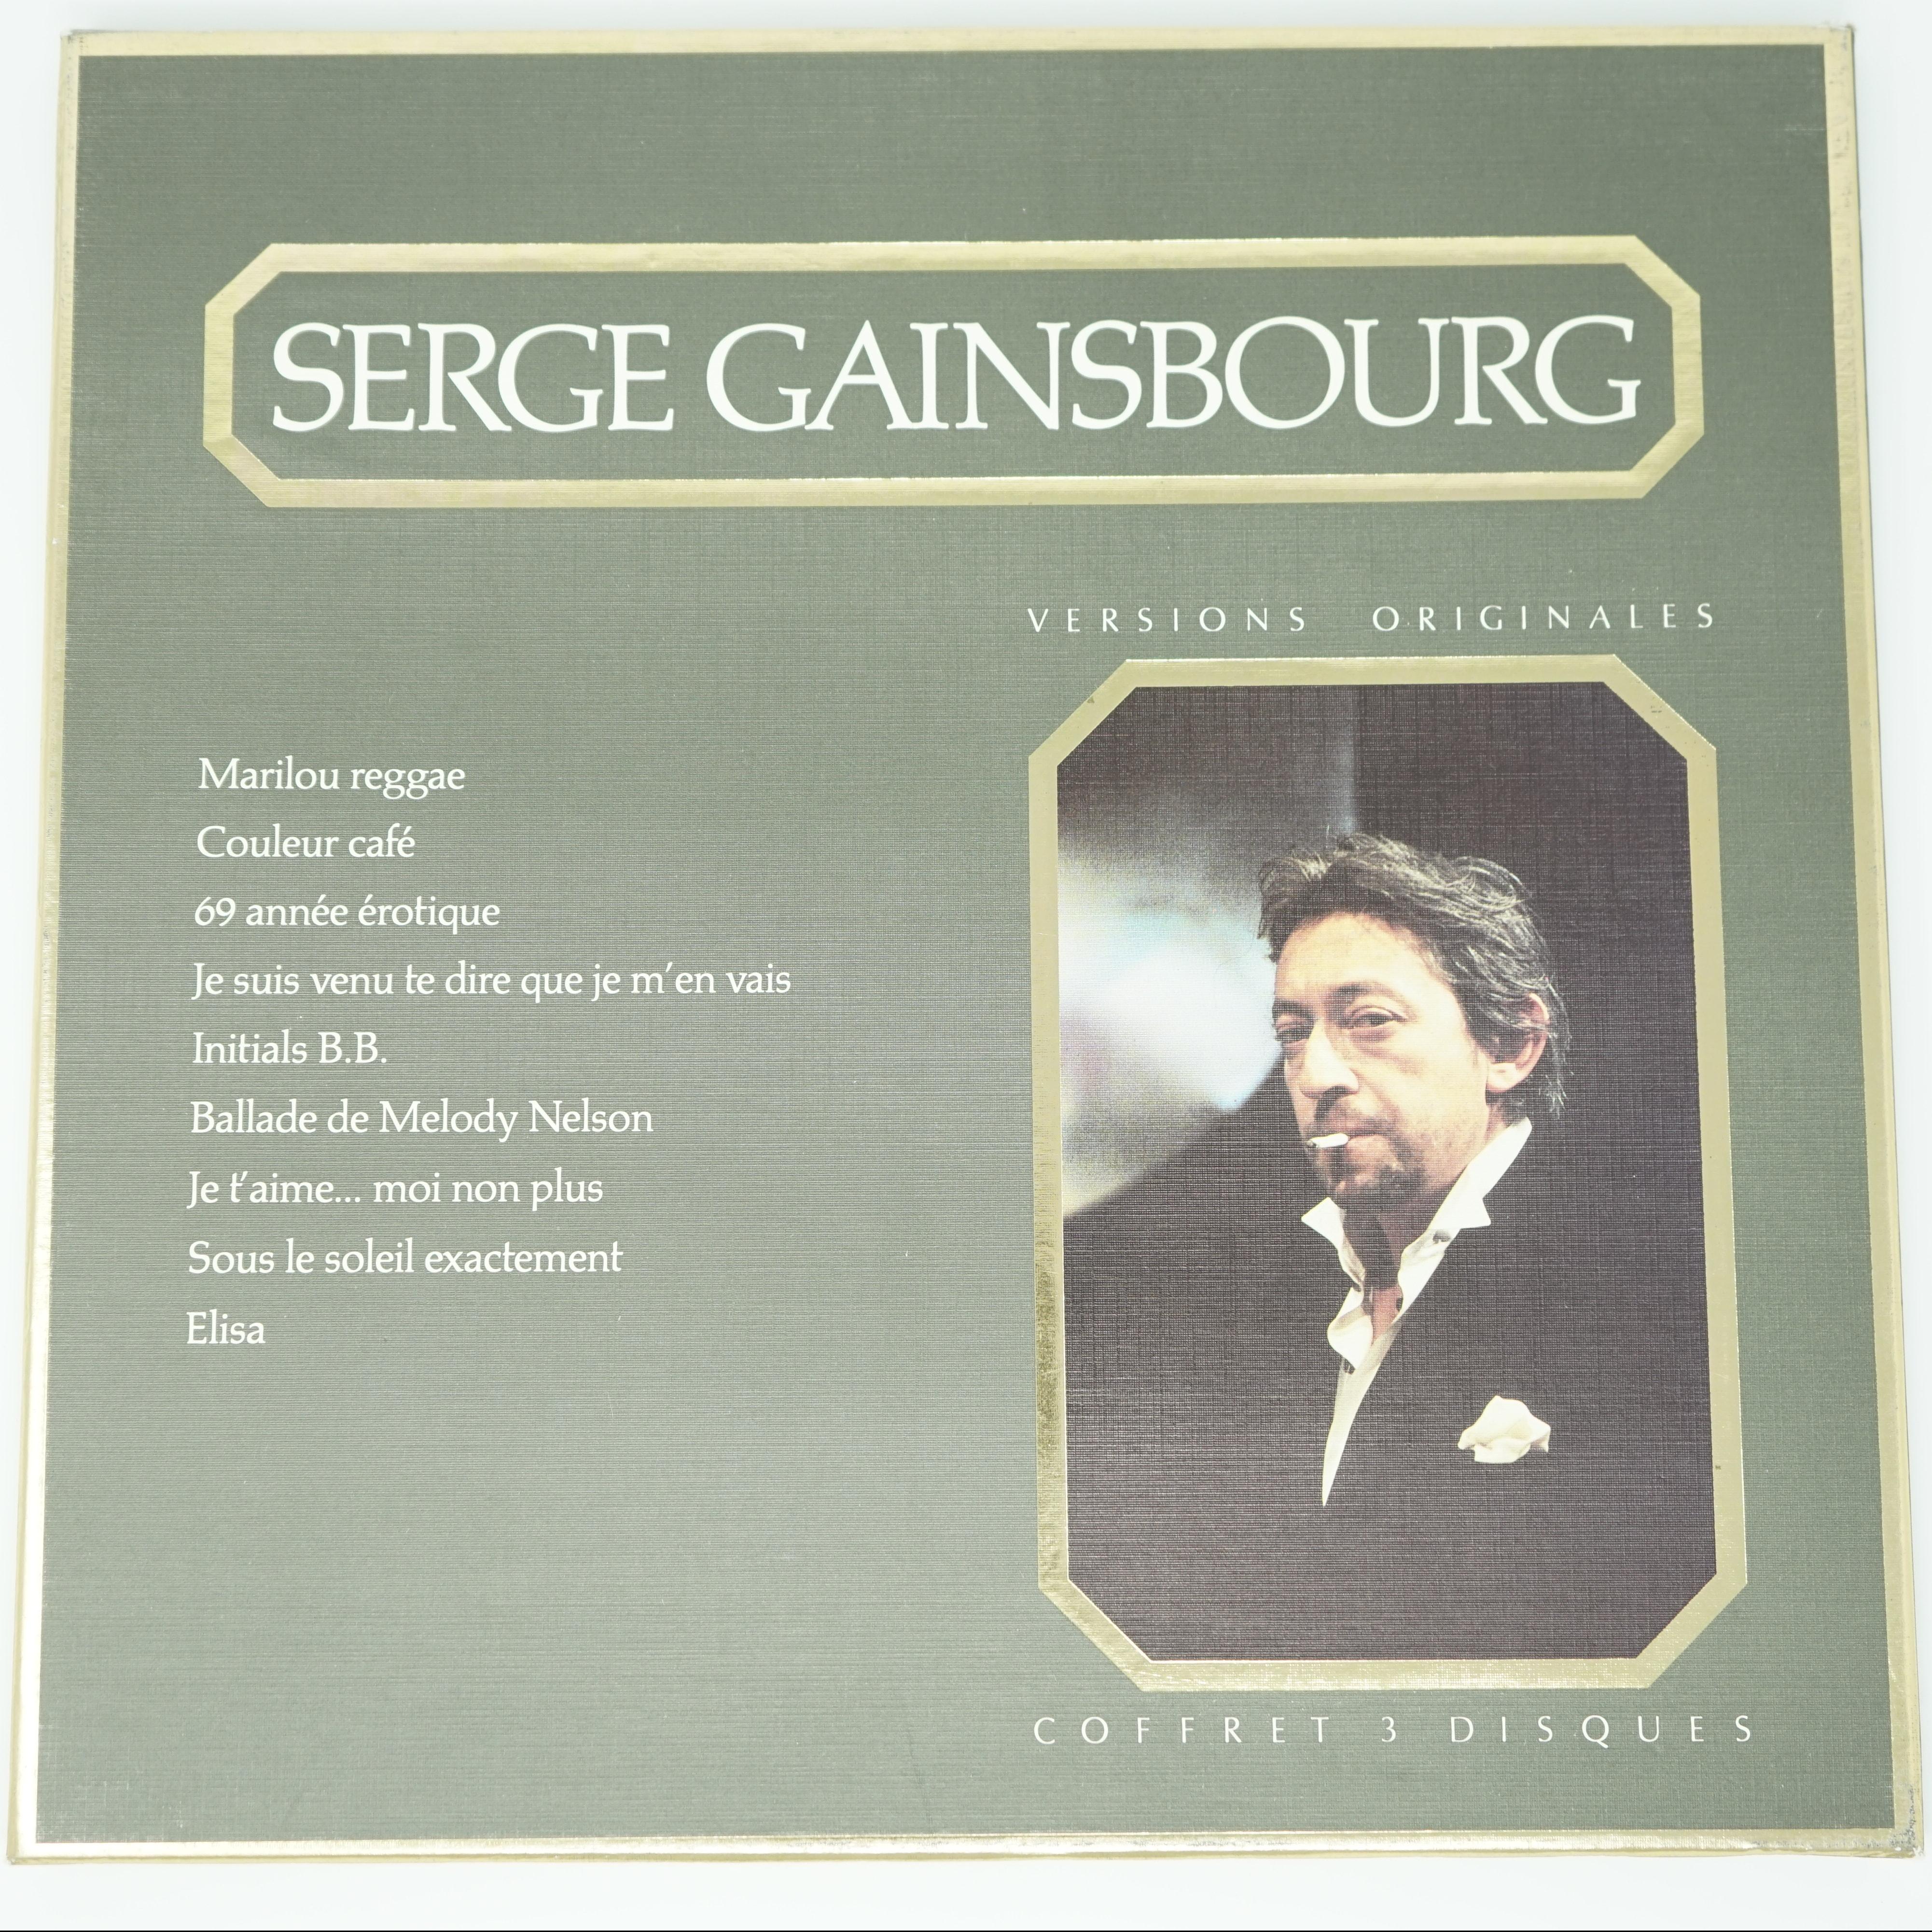 Coffret Trois Disques Serge Gainsbourg